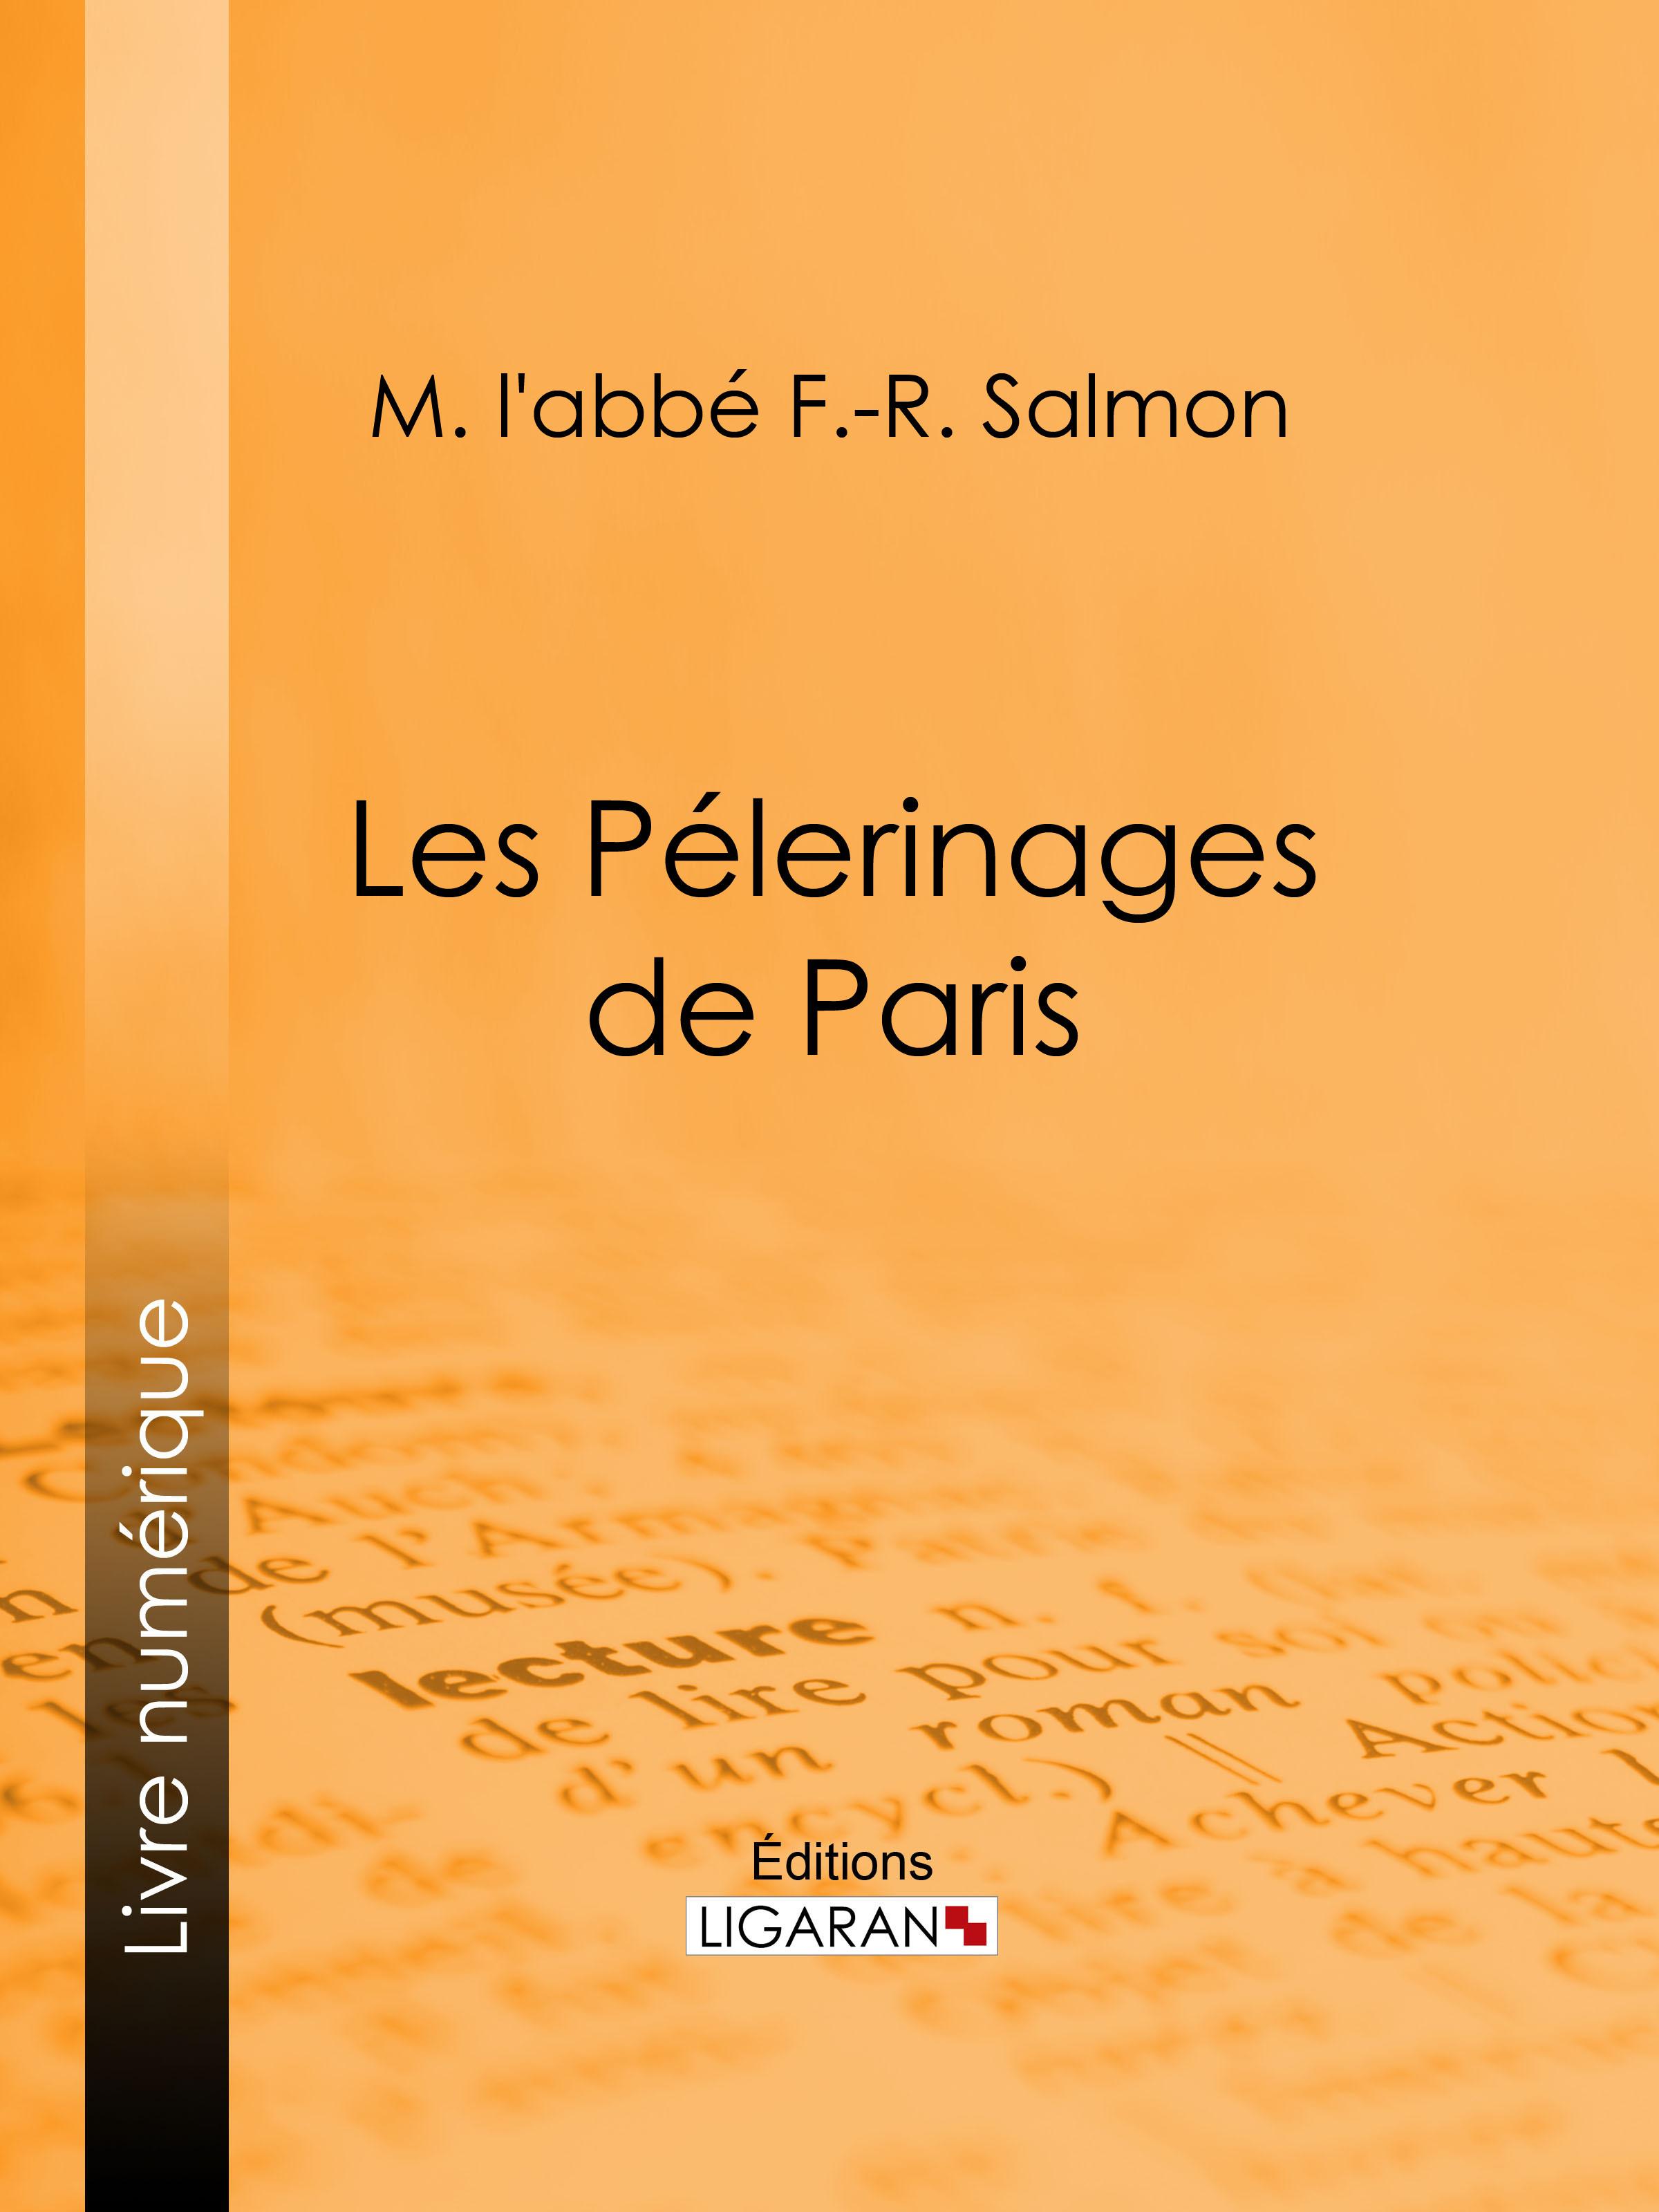 Les Pélerinages de Paris